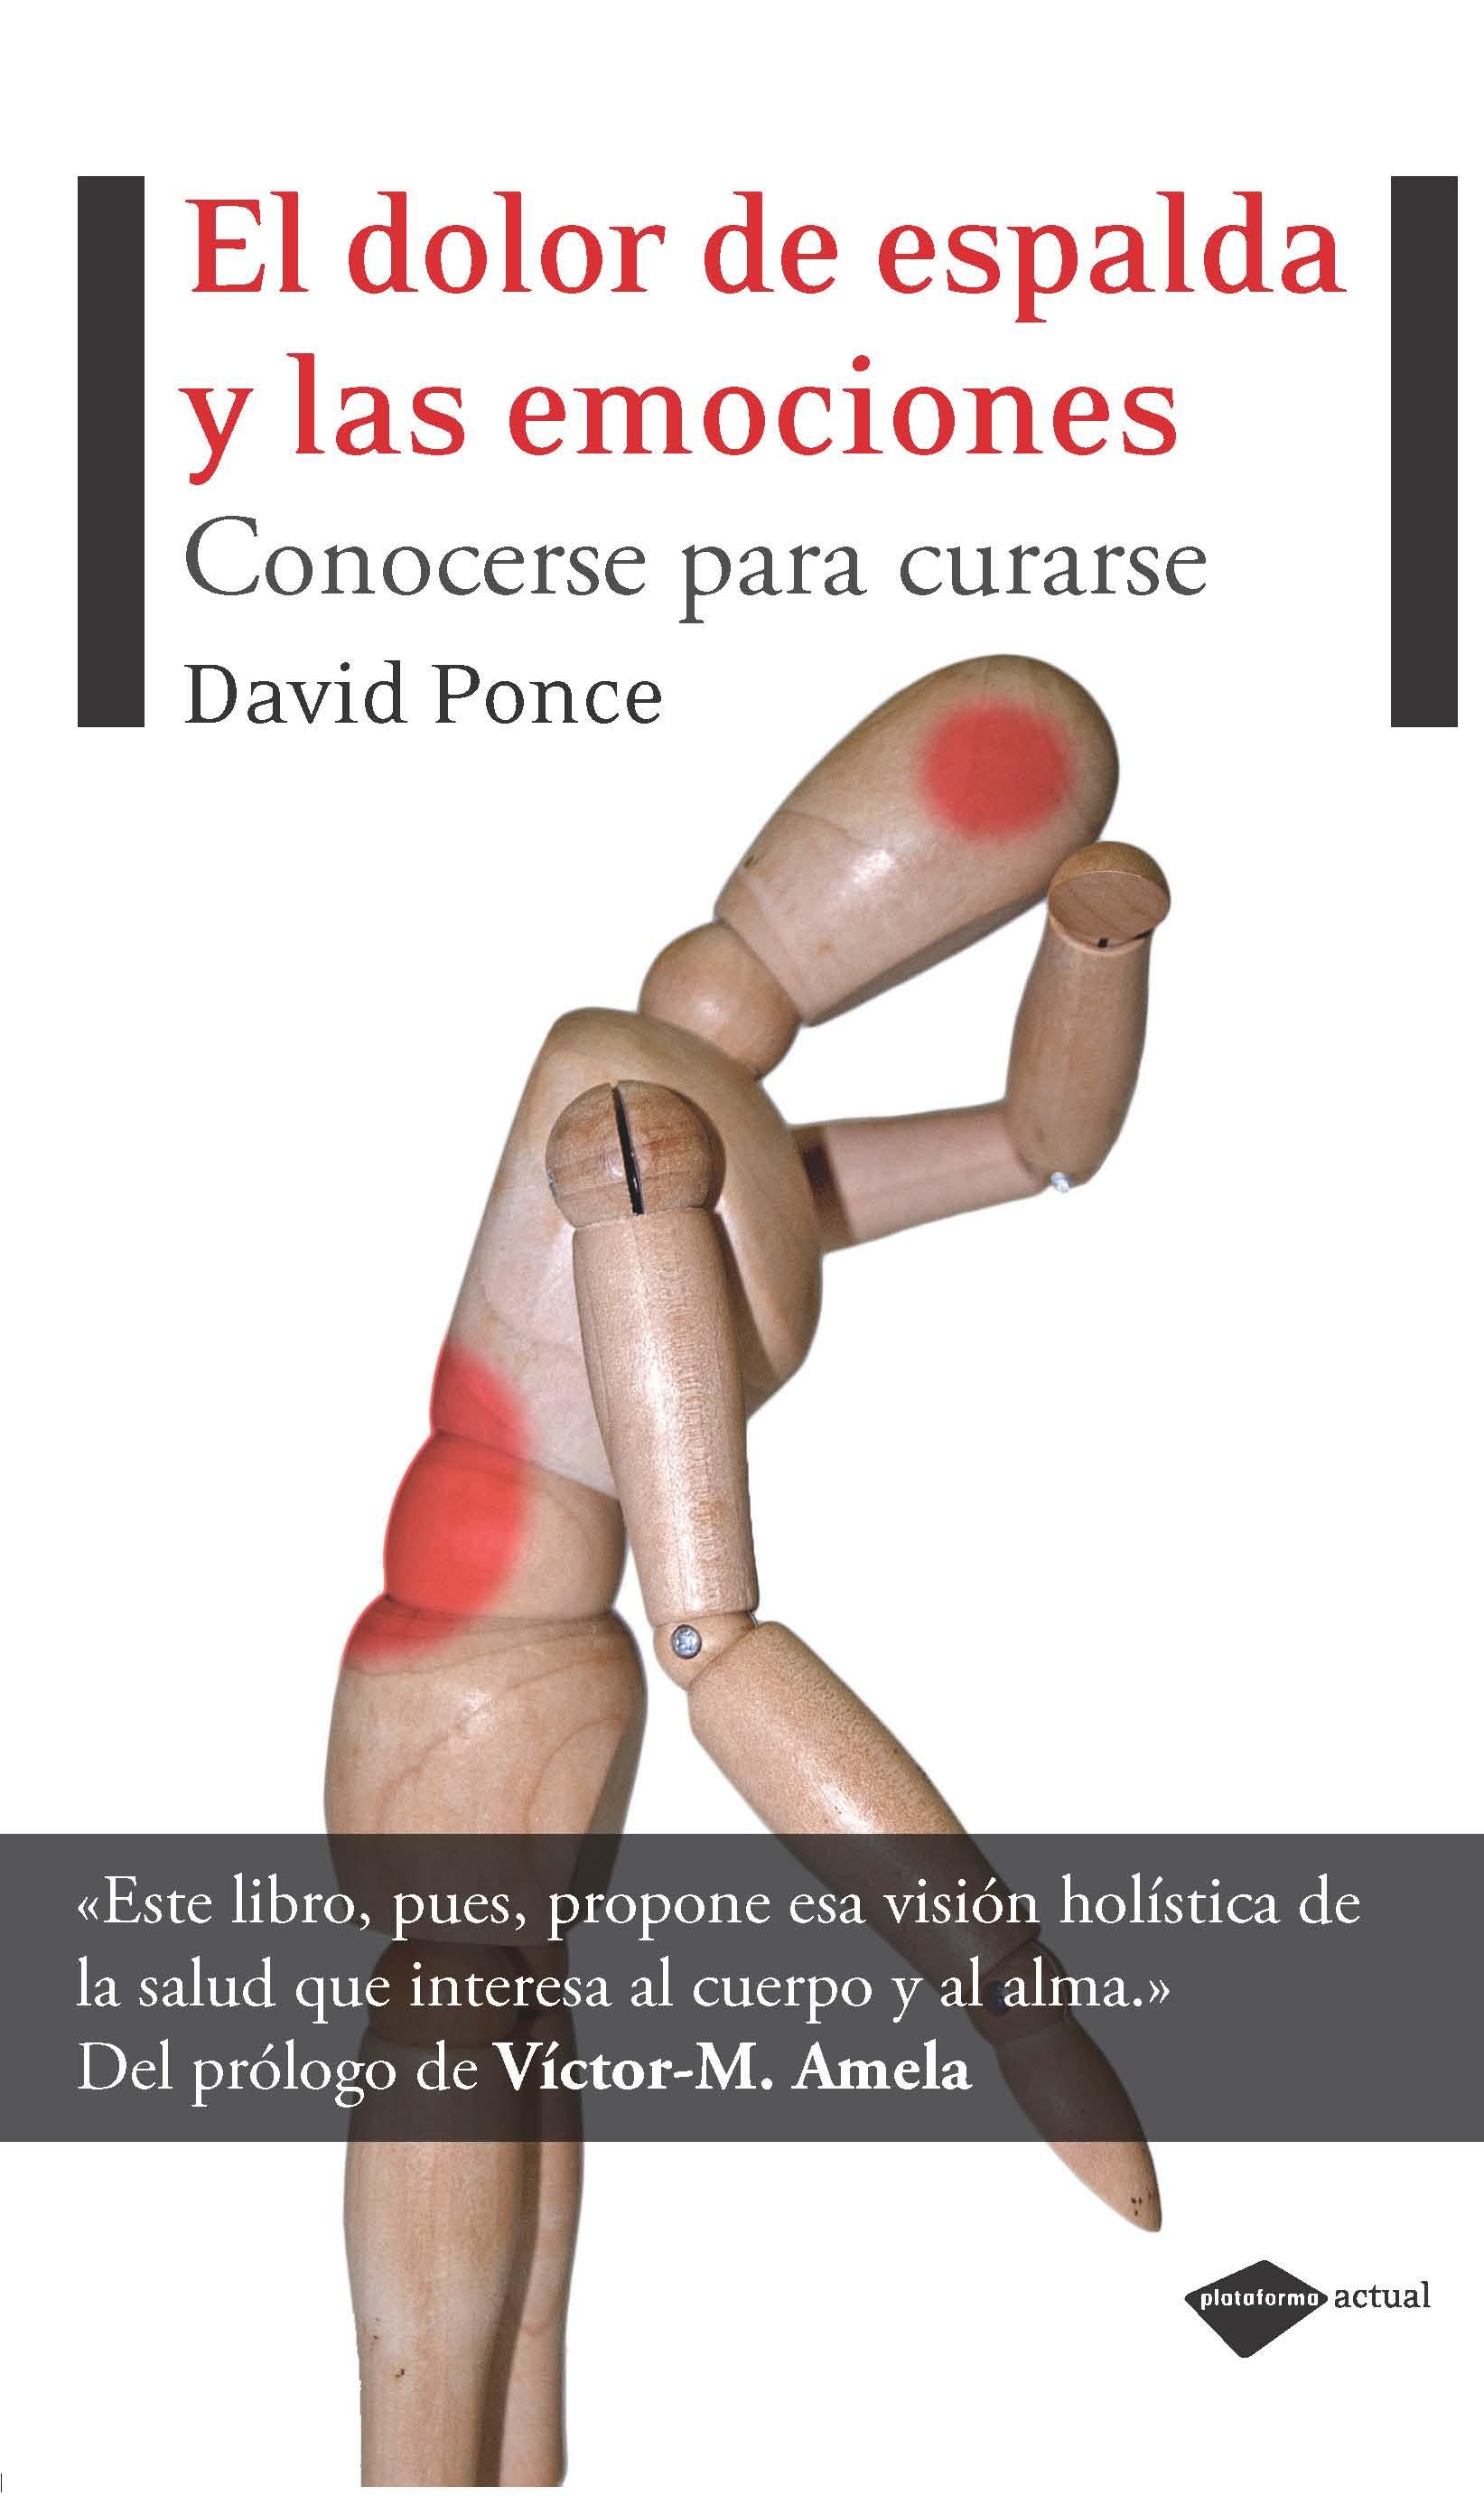 el dolor de espalda y las emociones: conocerse para curarse-david ponce-9788496981881